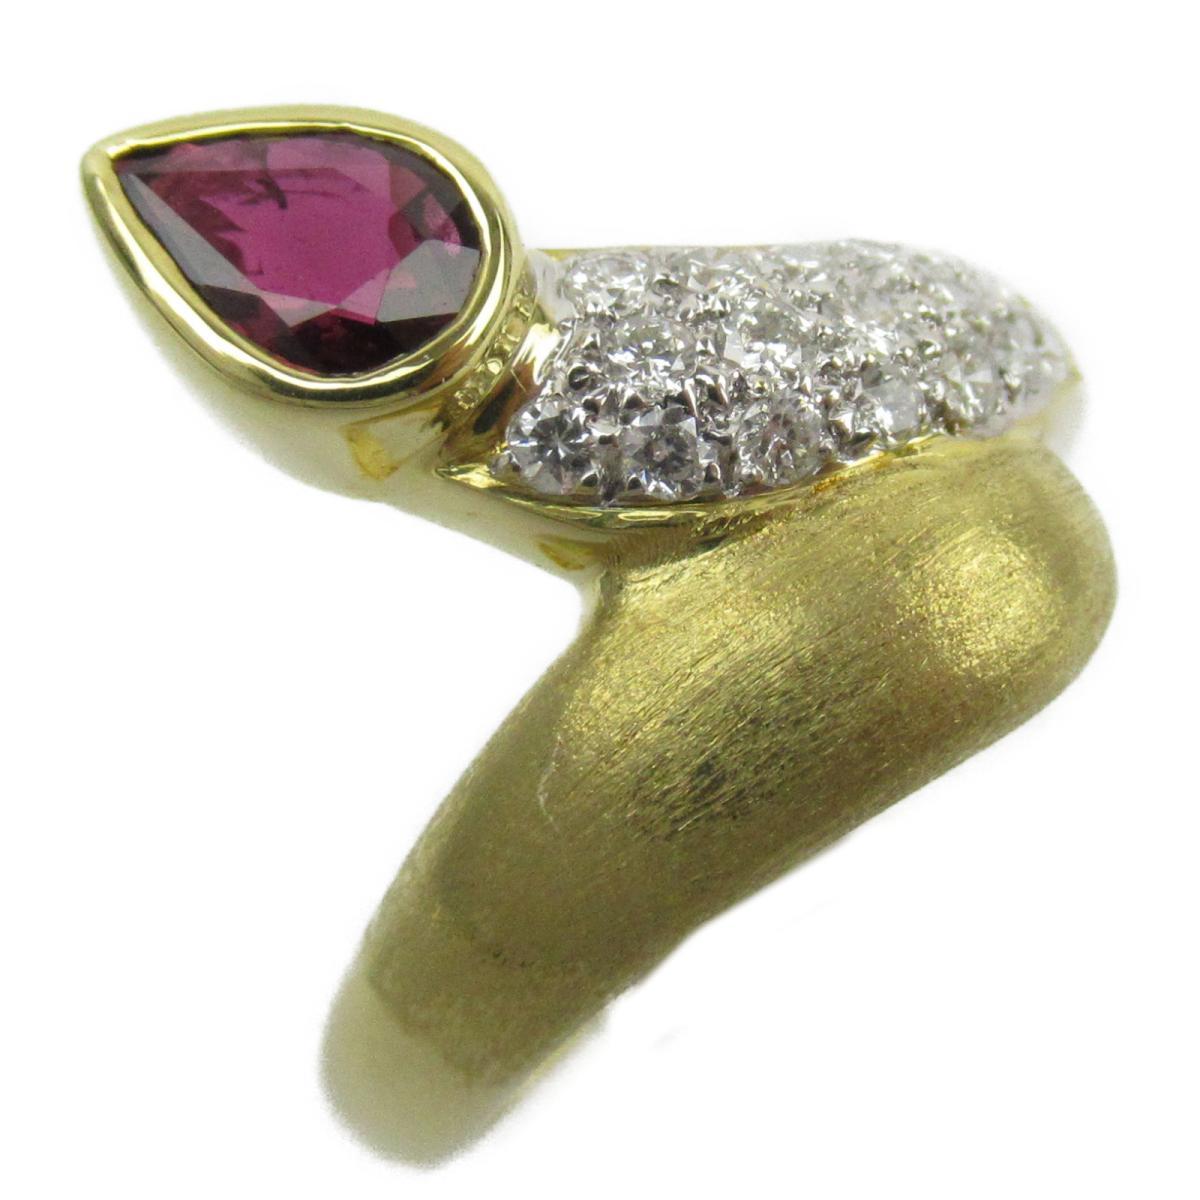 ジュエリー ルビー ダイヤモンド リング 指輪 ノーブランドジュエリー レディース K18YG (750) イエローゴールド x ルビー0.32/ダイヤモンド0.30ct 【中古】 | JEWELRY BRANDOFF ブランドオフ アクセサリー